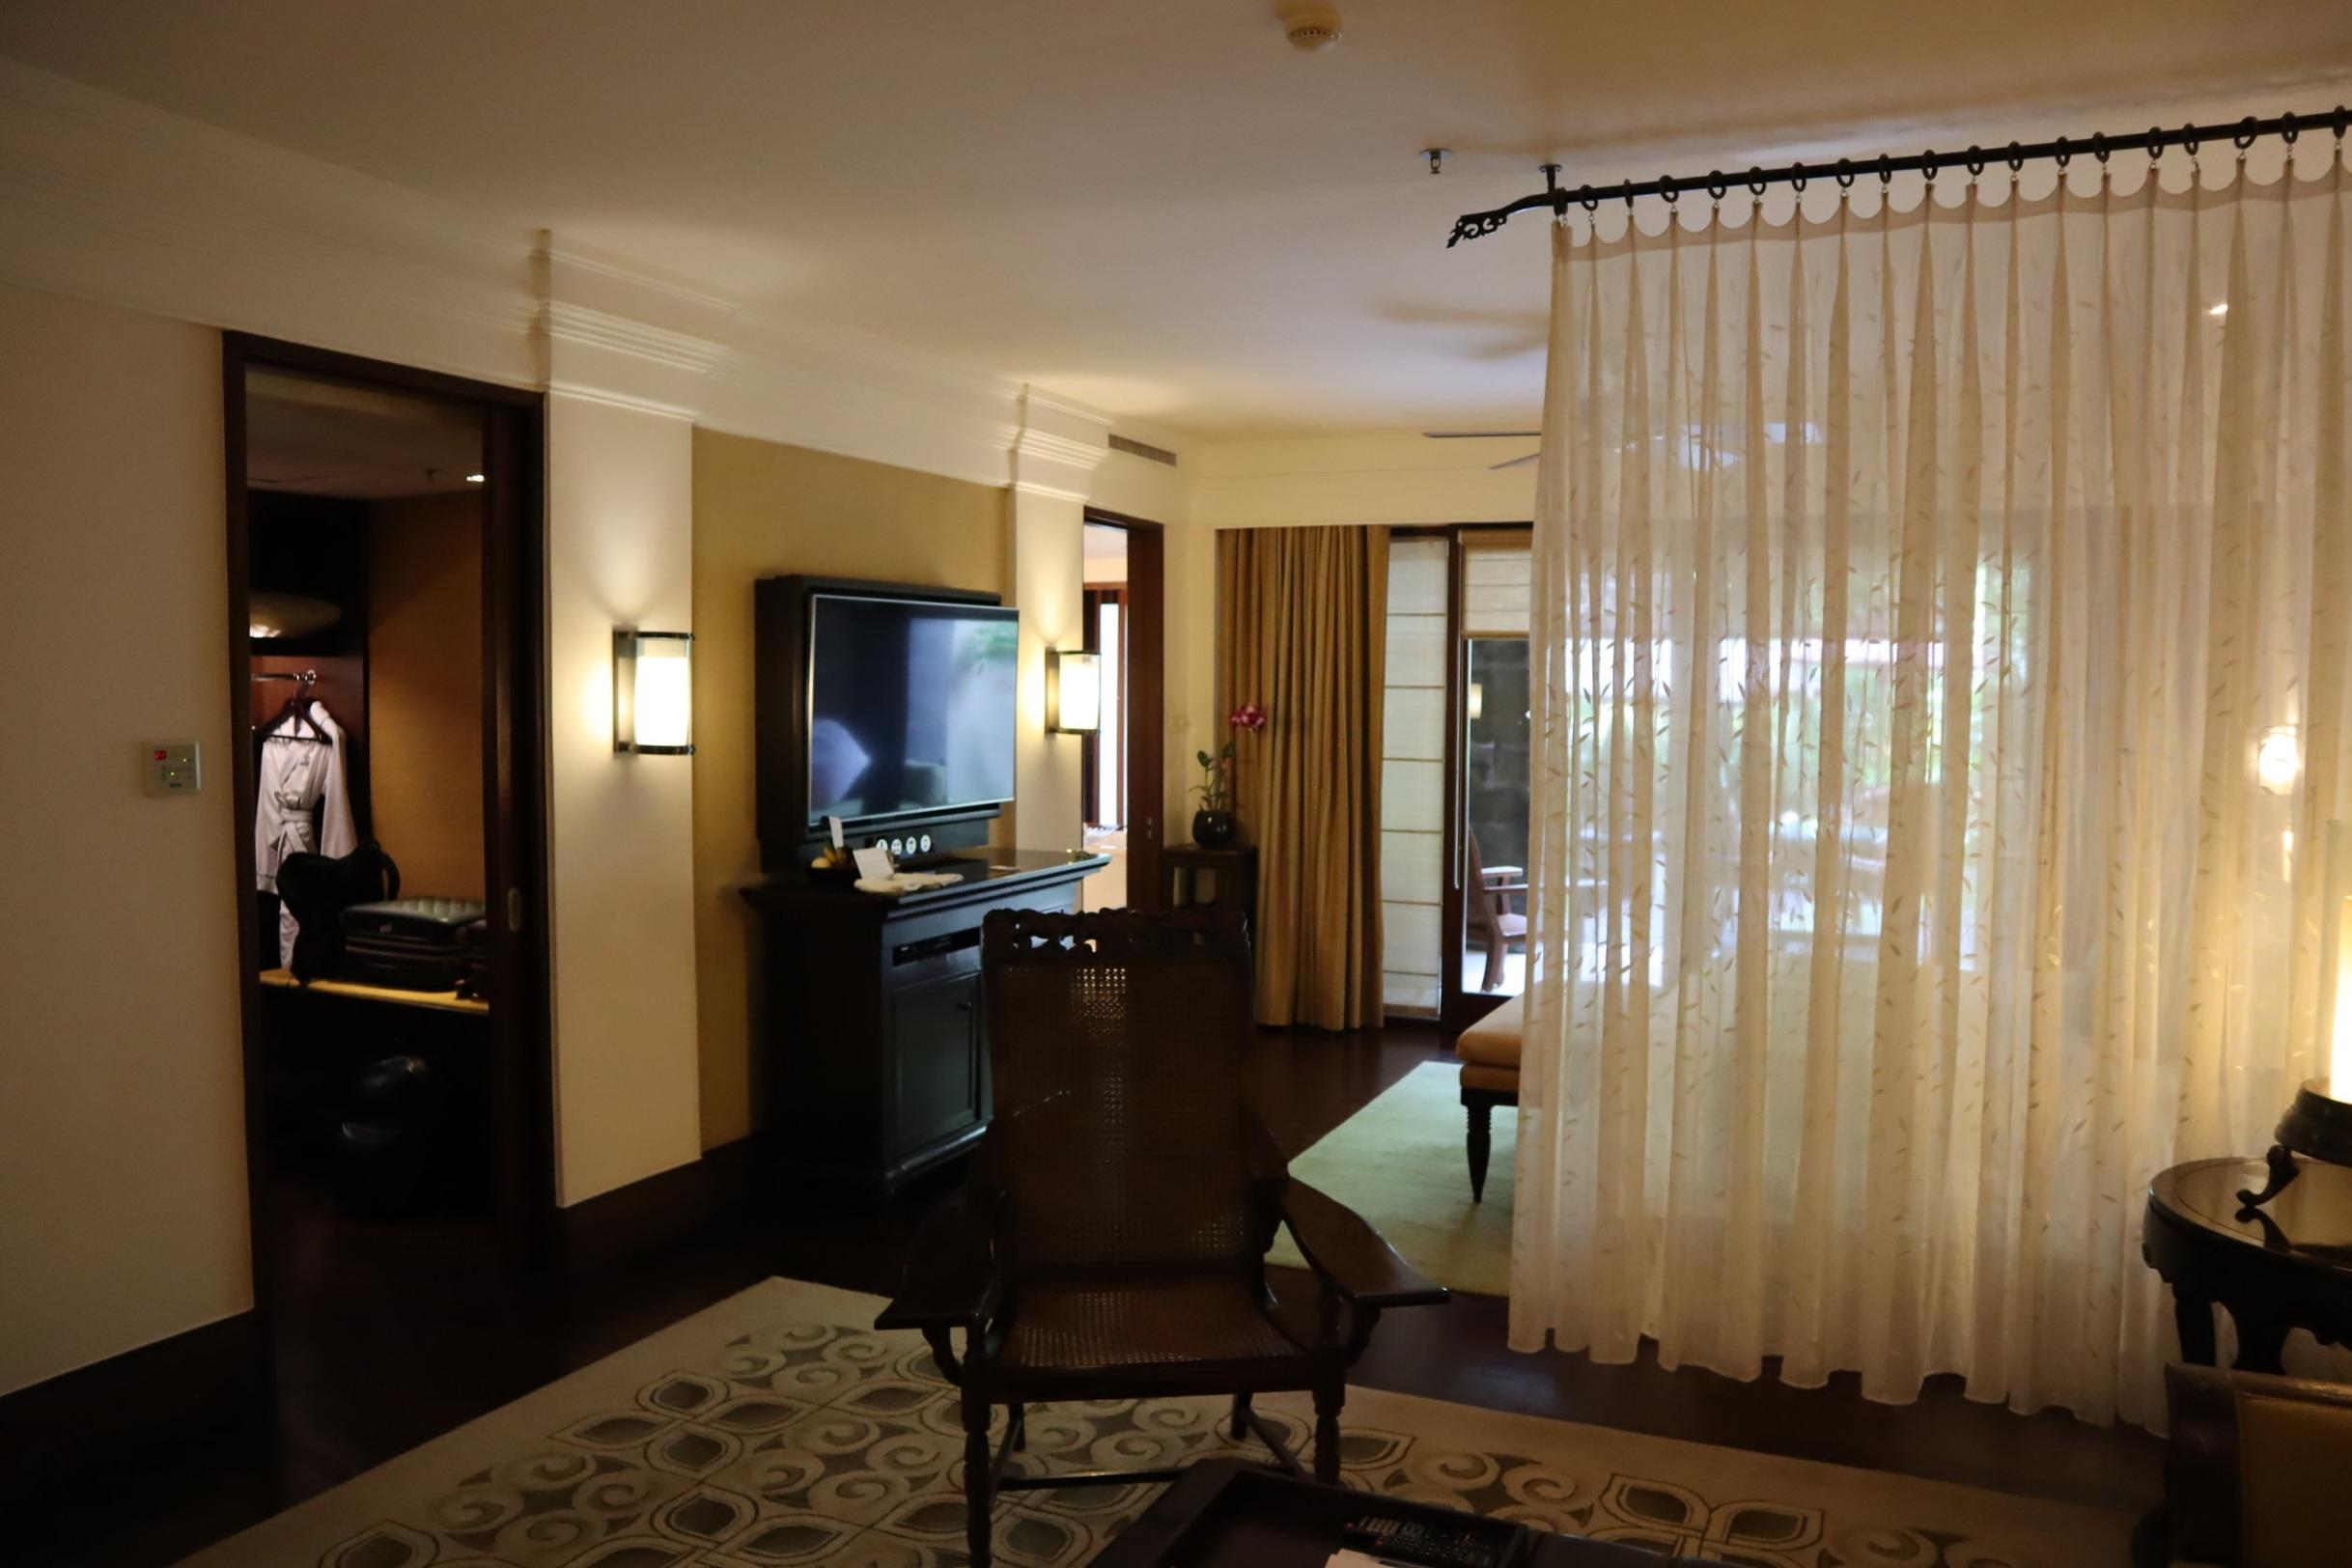 St. Regis Bali – St. Regis Pool Suite partition